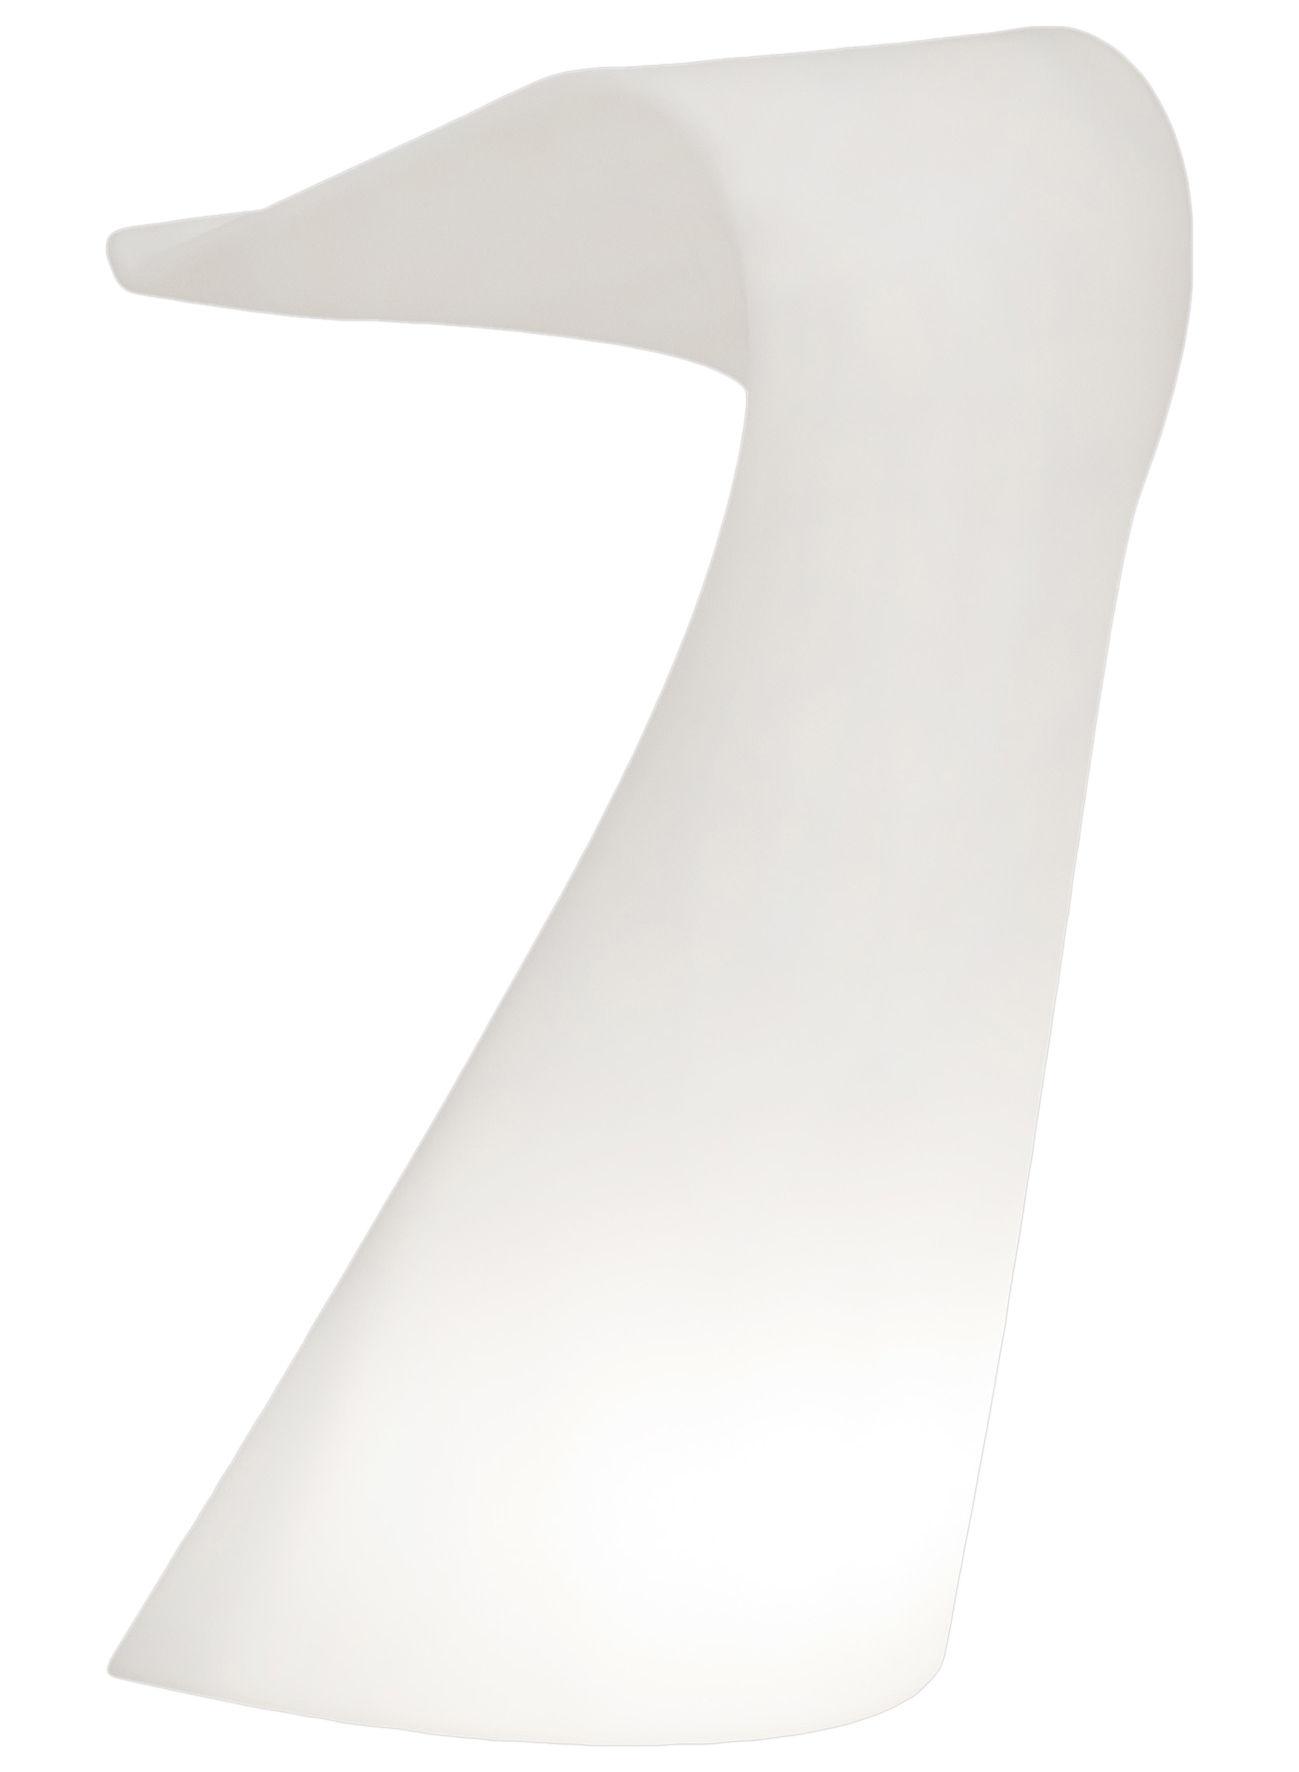 Arredamento - Mobili da ufficio - Scrivania Swish di Slide - Bianco - polietilene riciclabile